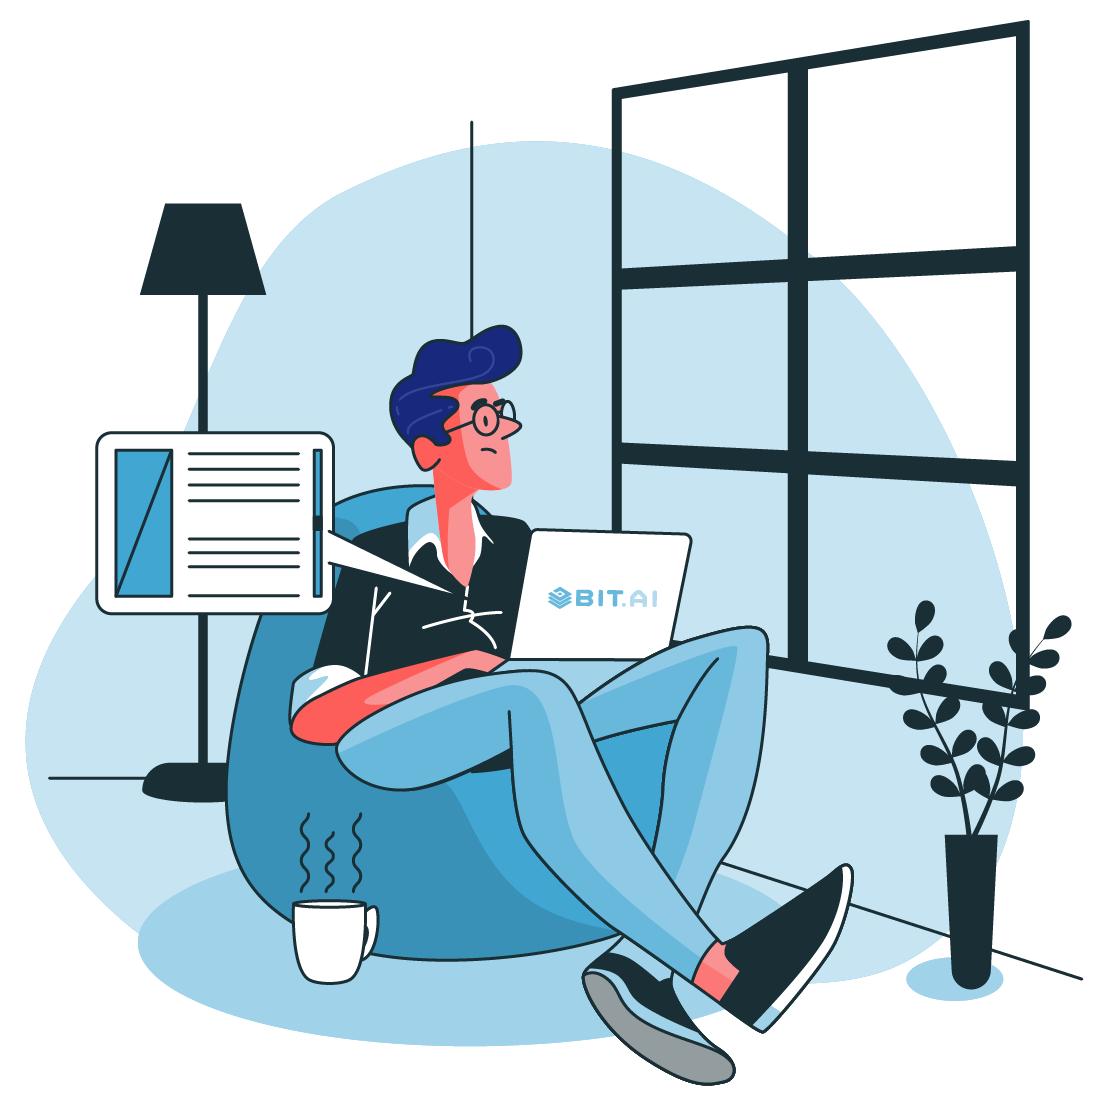 Blogging as an online business idea